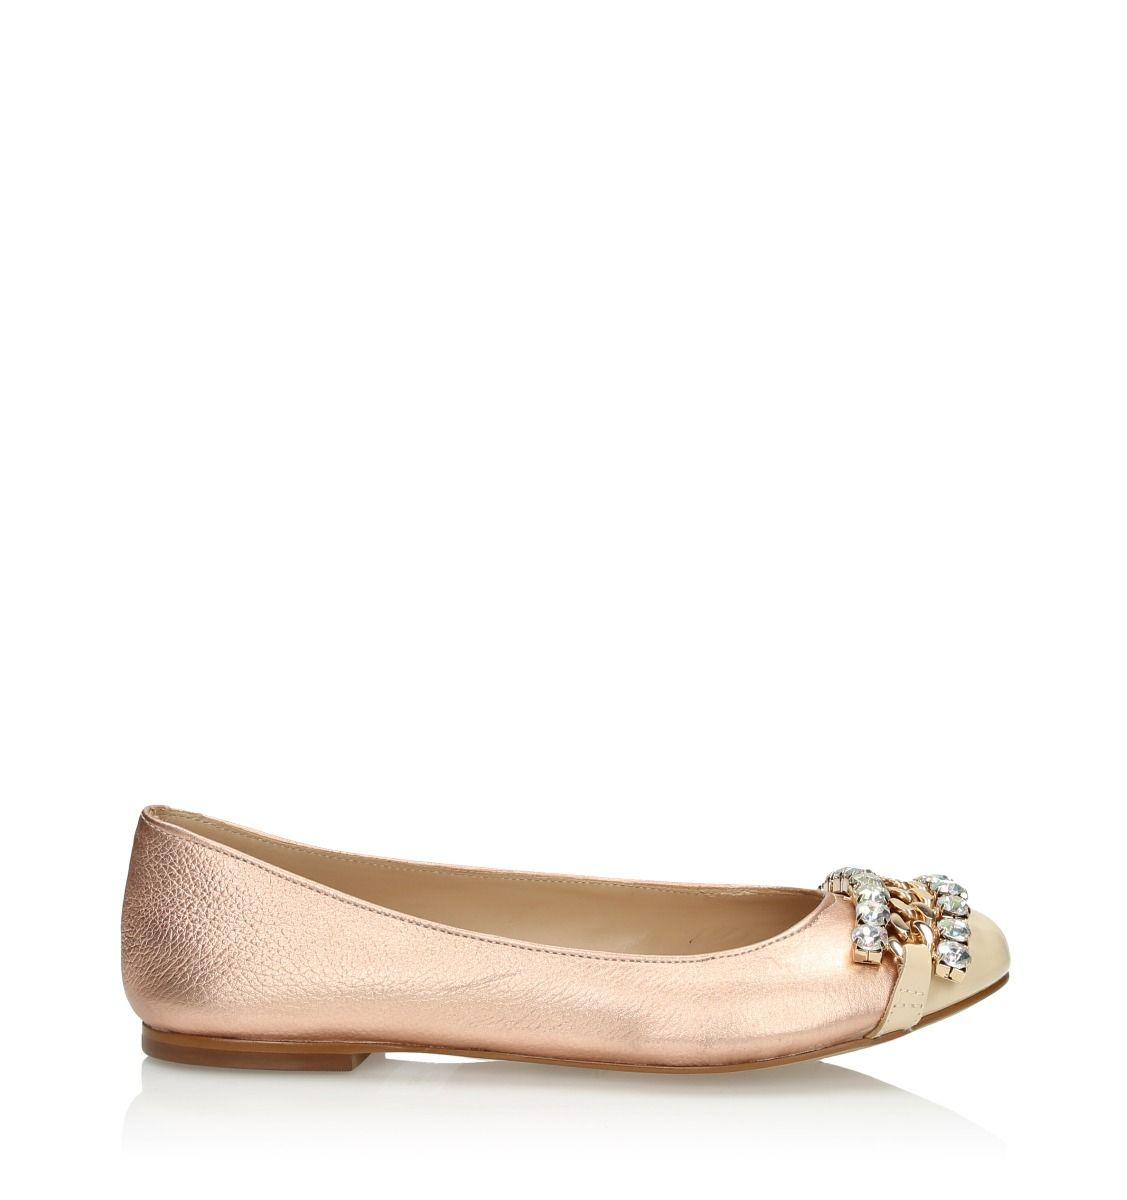 Copper gold ballerinas